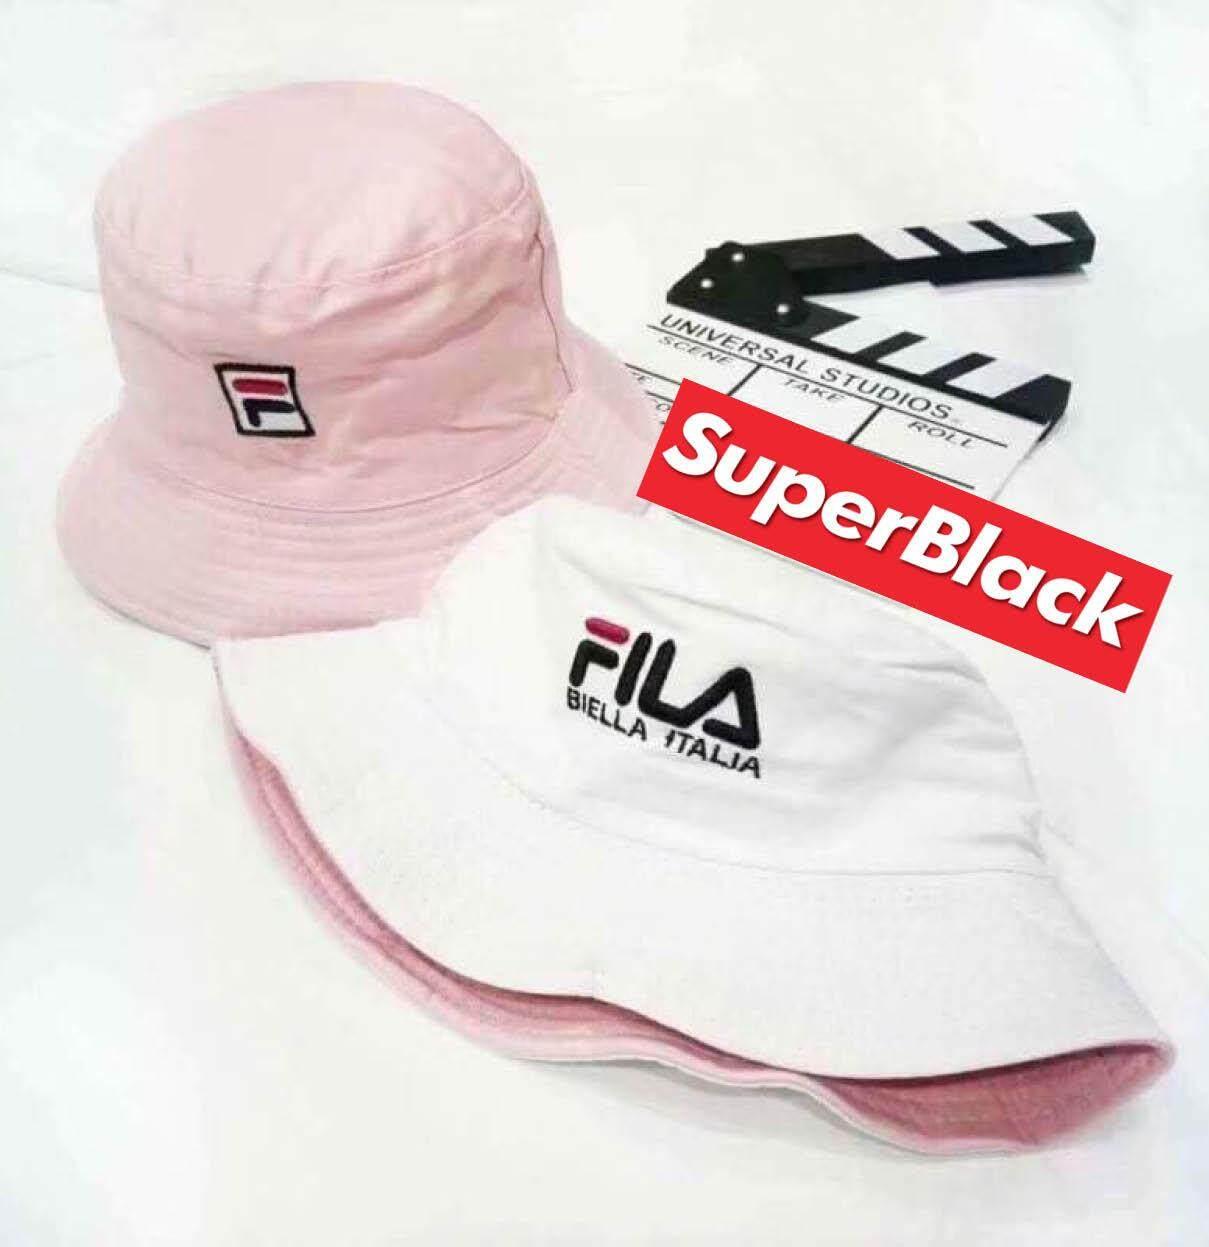 หมวกFILA (สีขาว/สีชมพู*ใส่ได้ทั้ง2ด้าน*) *จัดส่งจากก.ท.ม ส่งฟรีKerryเก็บเงินปลายได้*